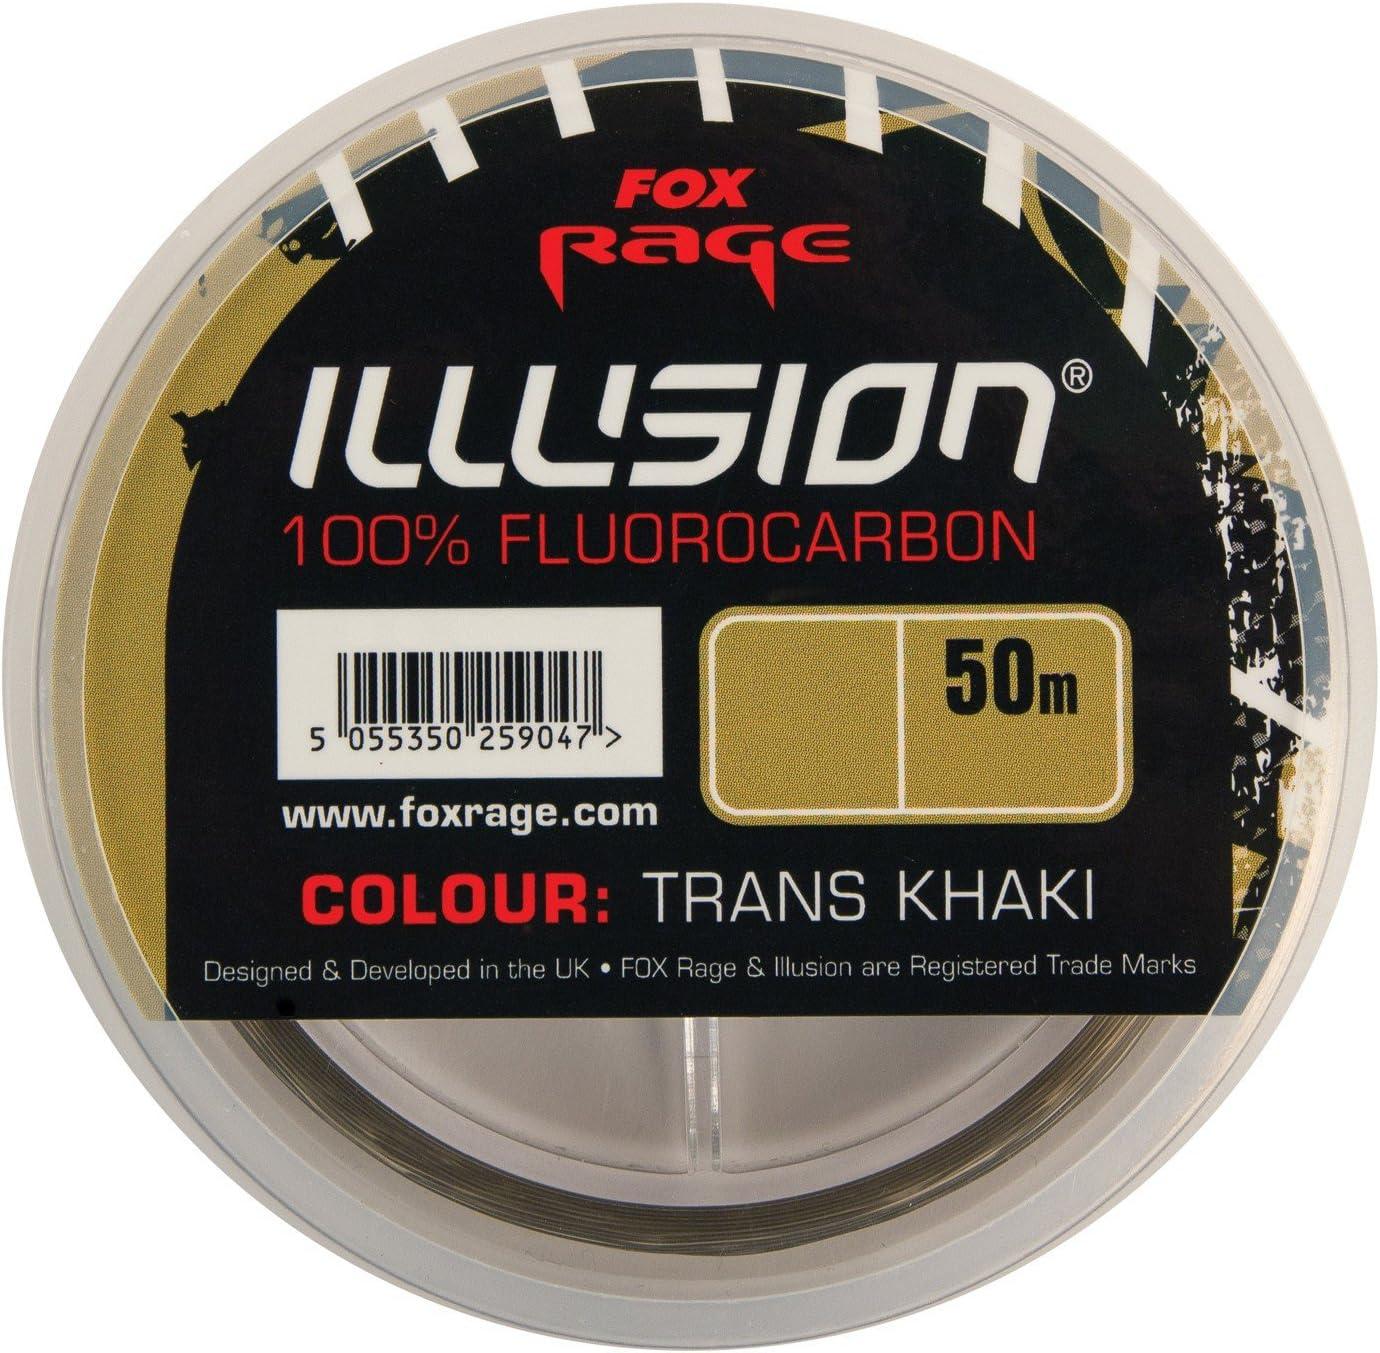 Raubfischschnur Fox Rage Illusion Fluorocarbon Trans Khaki 50m Vorfachschnur Raubfischrigs 50 Meter Durchsichtig Tarnung Transparent 10lb 8lb Raubfischangeln